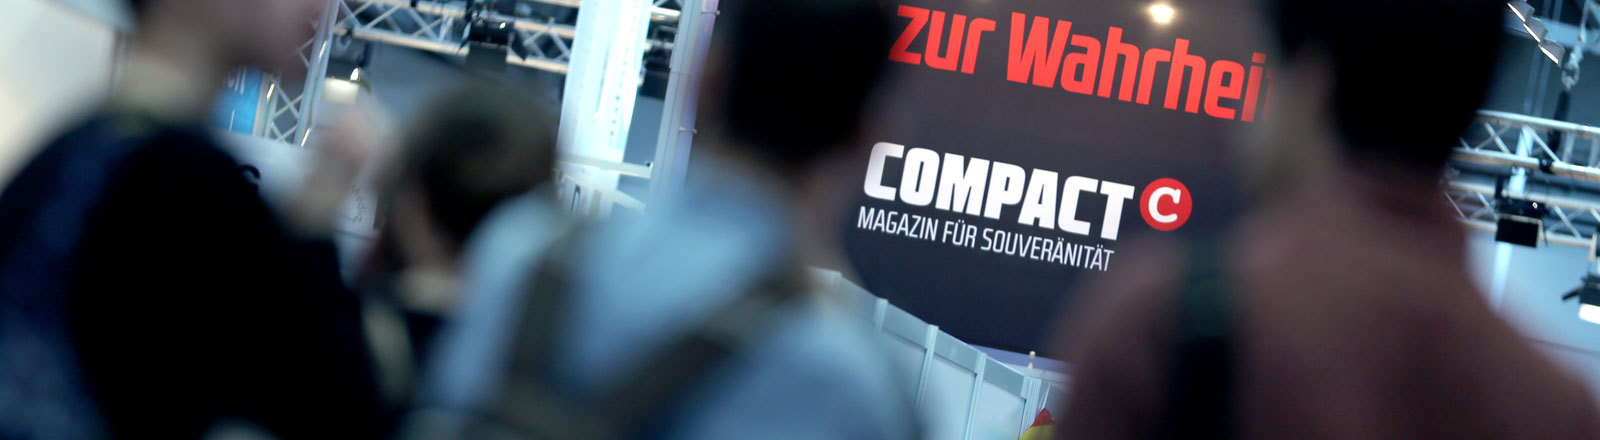 Compact-Verlag auf der Frankfurter Buchmesse 2017